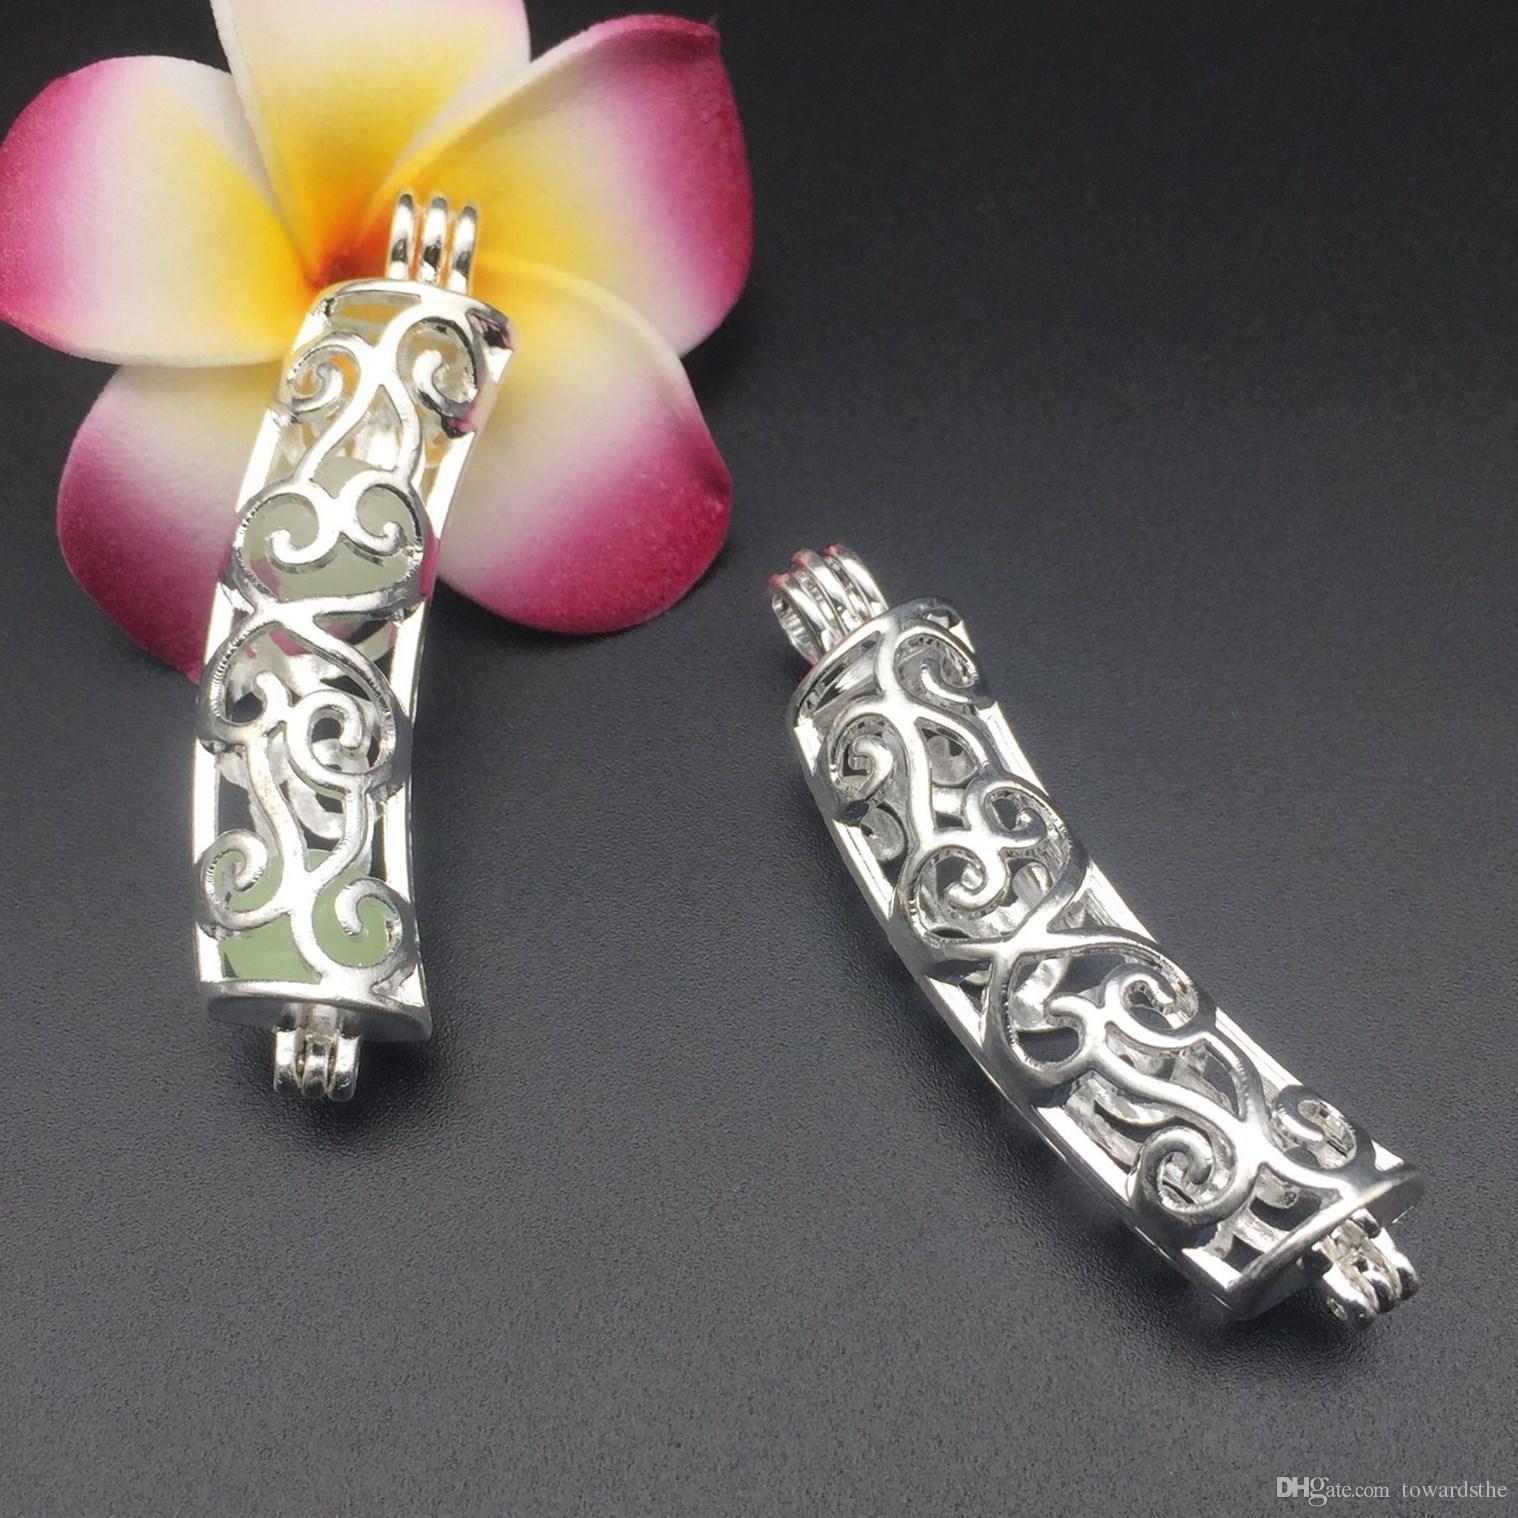 Perle Käfig Halskette Anhänger, ätherisches Öl Diffusor, Biegerohr bietet Versilberung 5 PC, plus Ihre eigene Perle macht es attraktiv